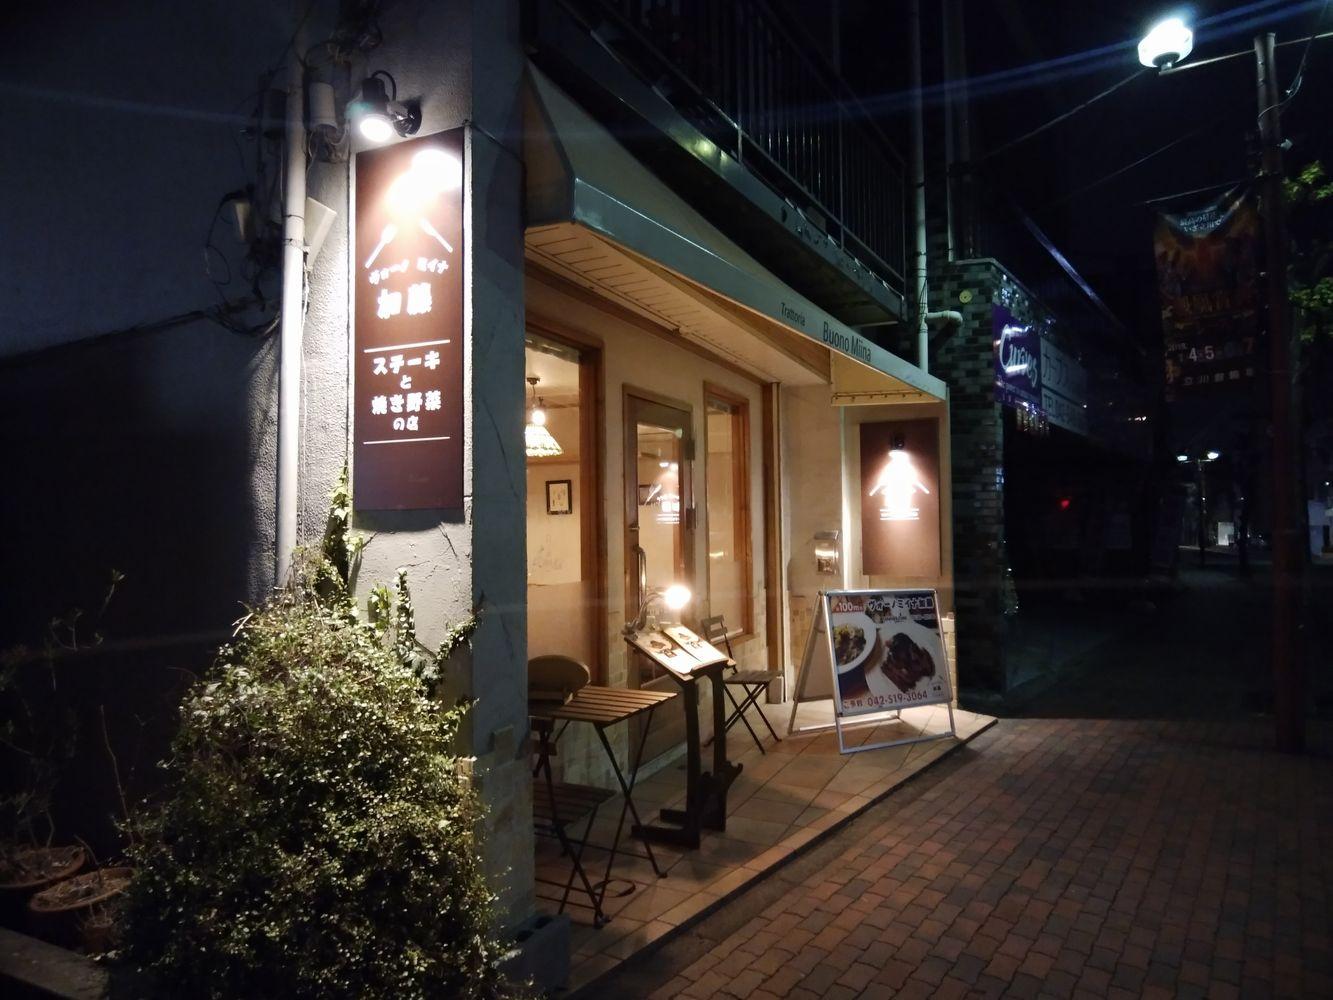 立川 ヴォーノミーナ加藤さんオープン!!